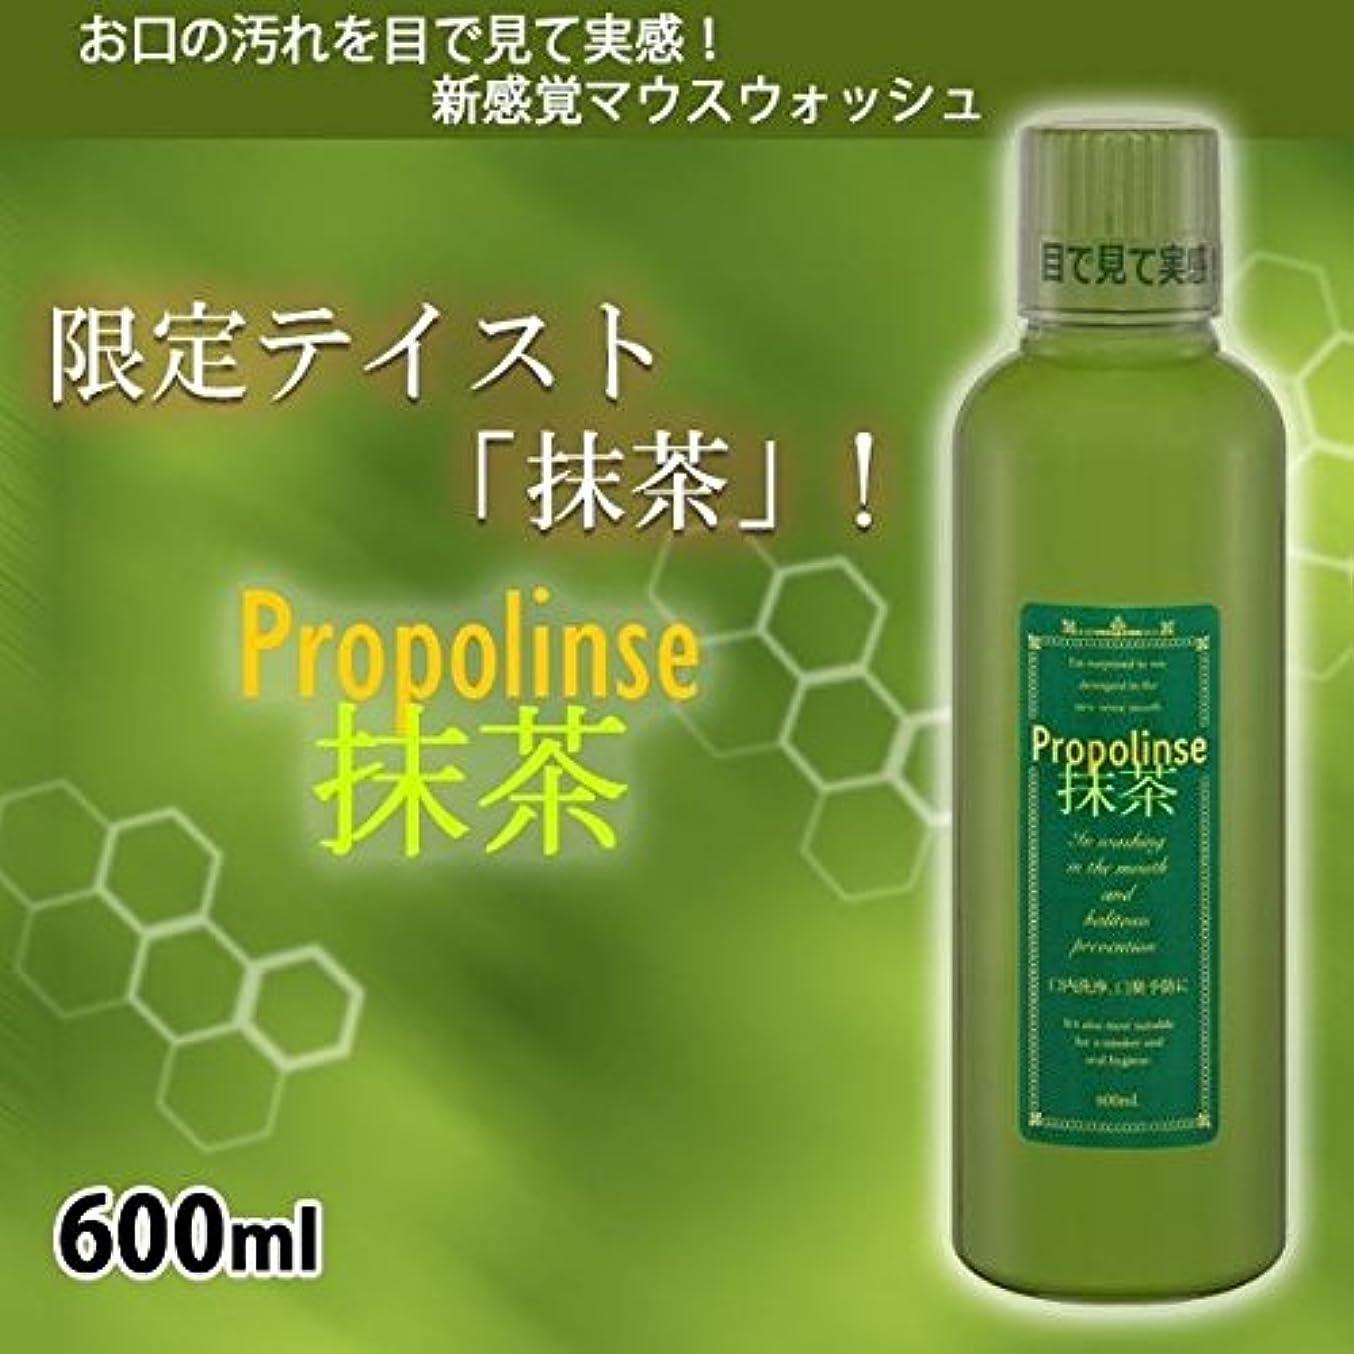 アクチュエータレキシコン提供されたプロポリンス 抹茶 (マウスウォッシュ) 600ml